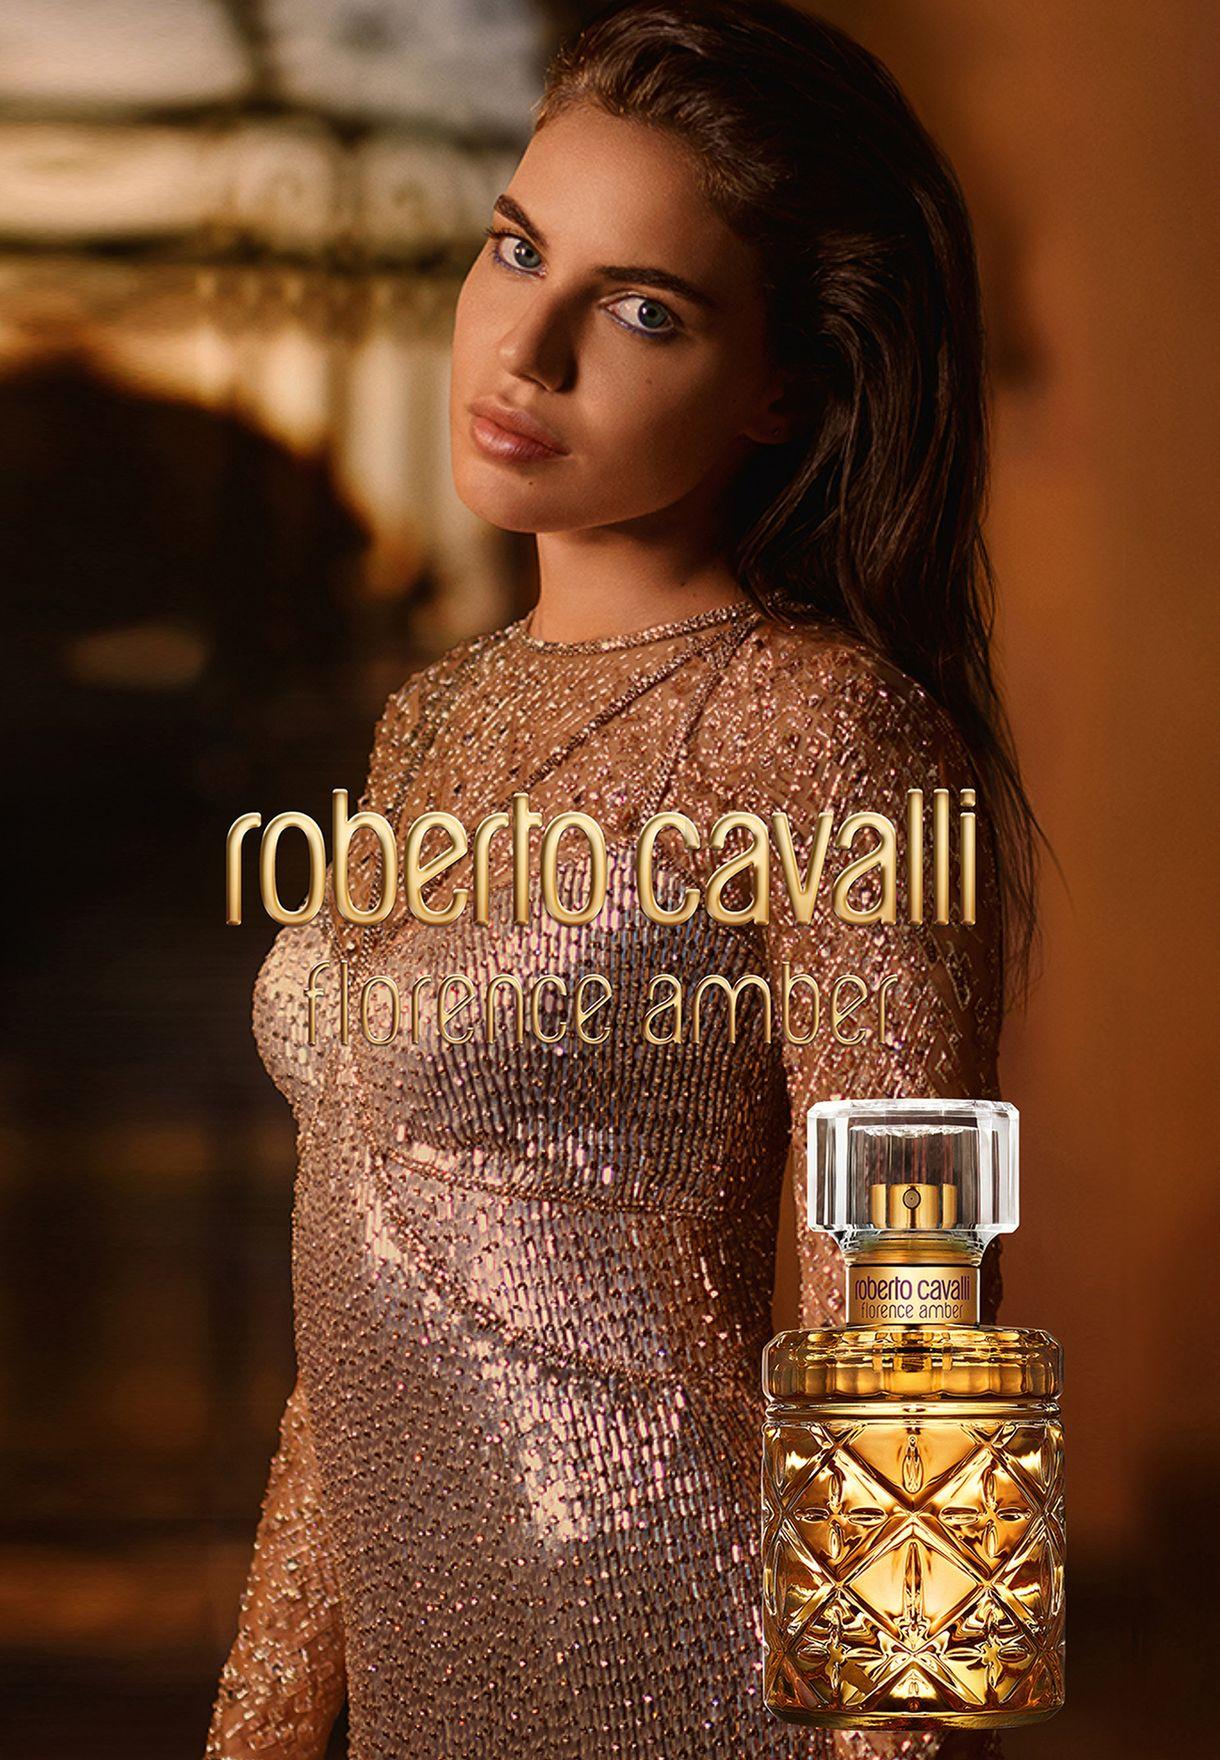 Florence Amber Eau De Parfum 50ml